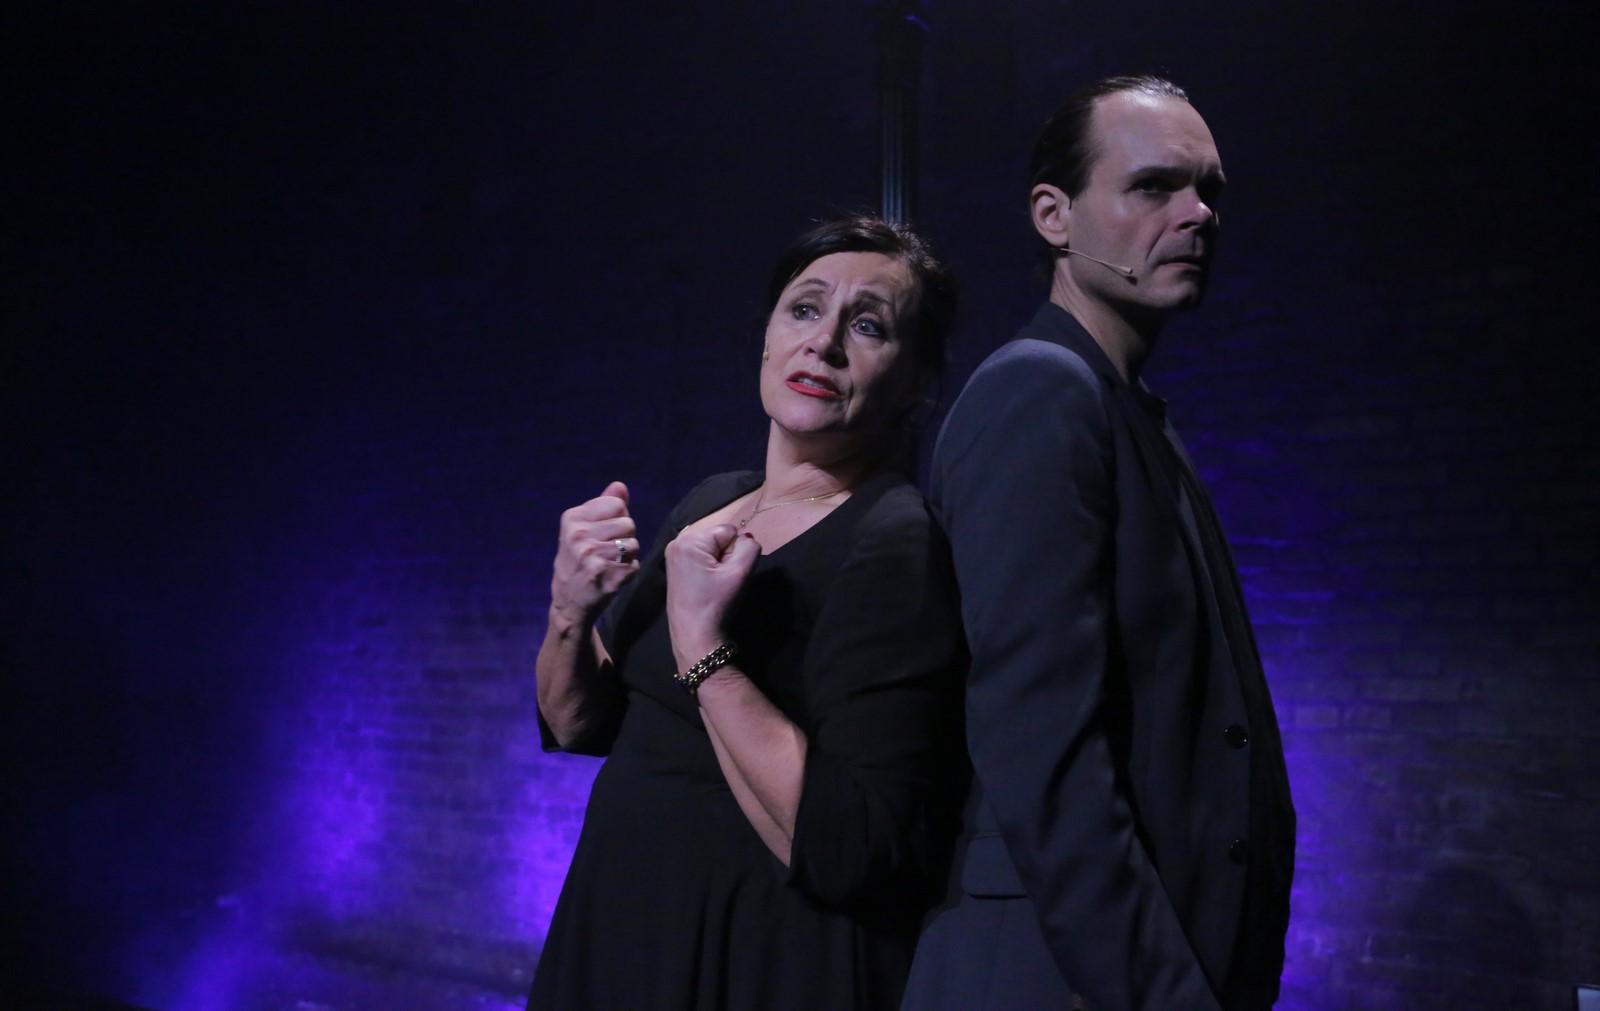 Anmeldelse: Piaf og Aznavour – hymne til kærligheden, Sceneriet under Det Ny Teater